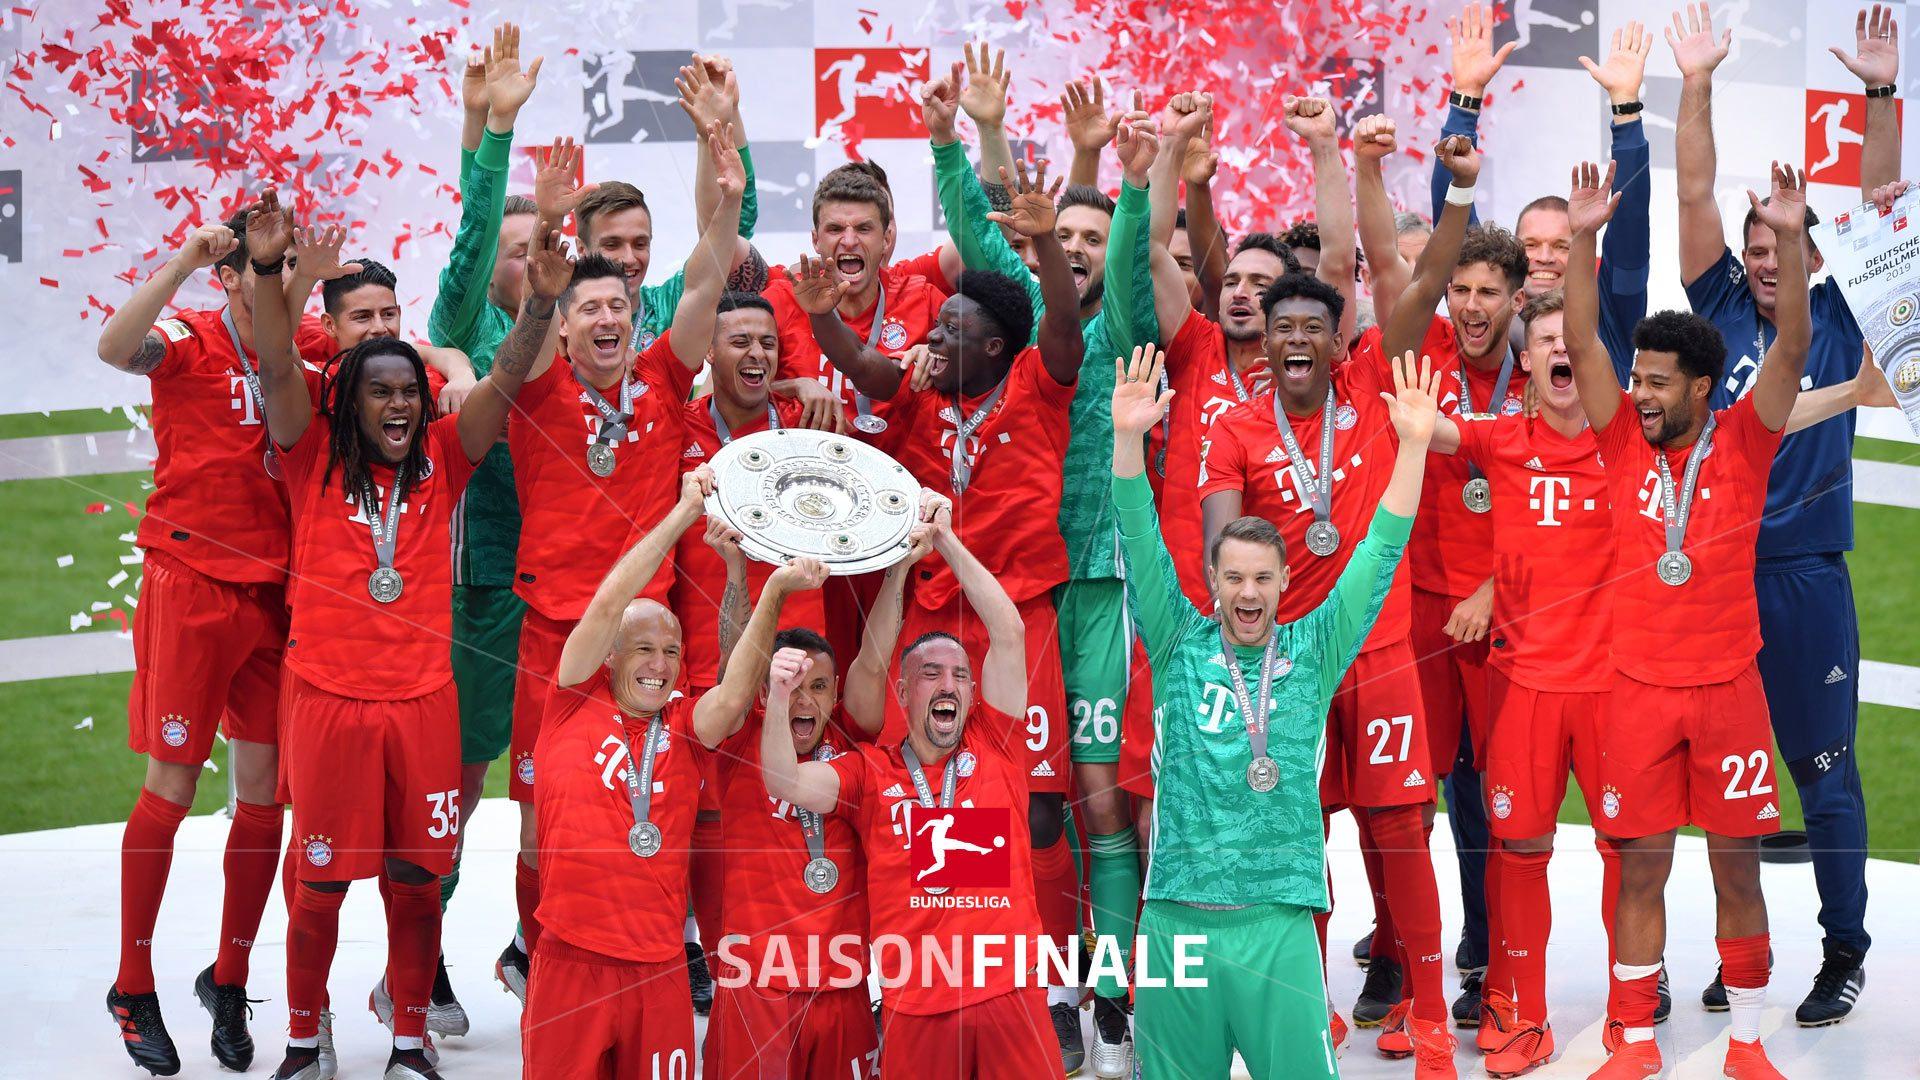 5:1 gegen Frankfurt - Bayern ist Deutscher Meister